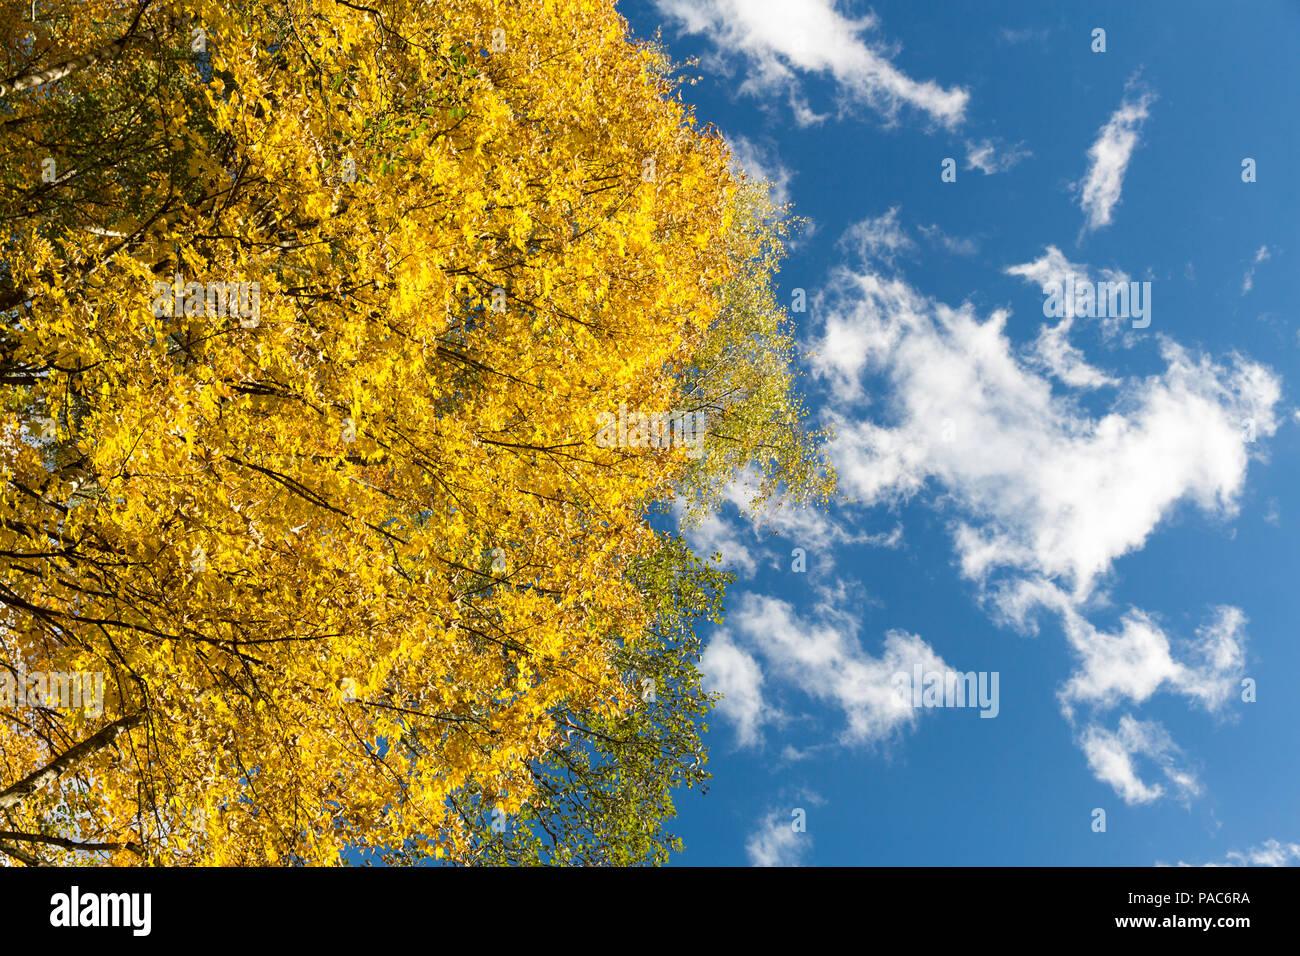 Autumn forest at Forest Experience Centre Ziegelwiesen, Füssen, Bavaria, Germany Stock Photo